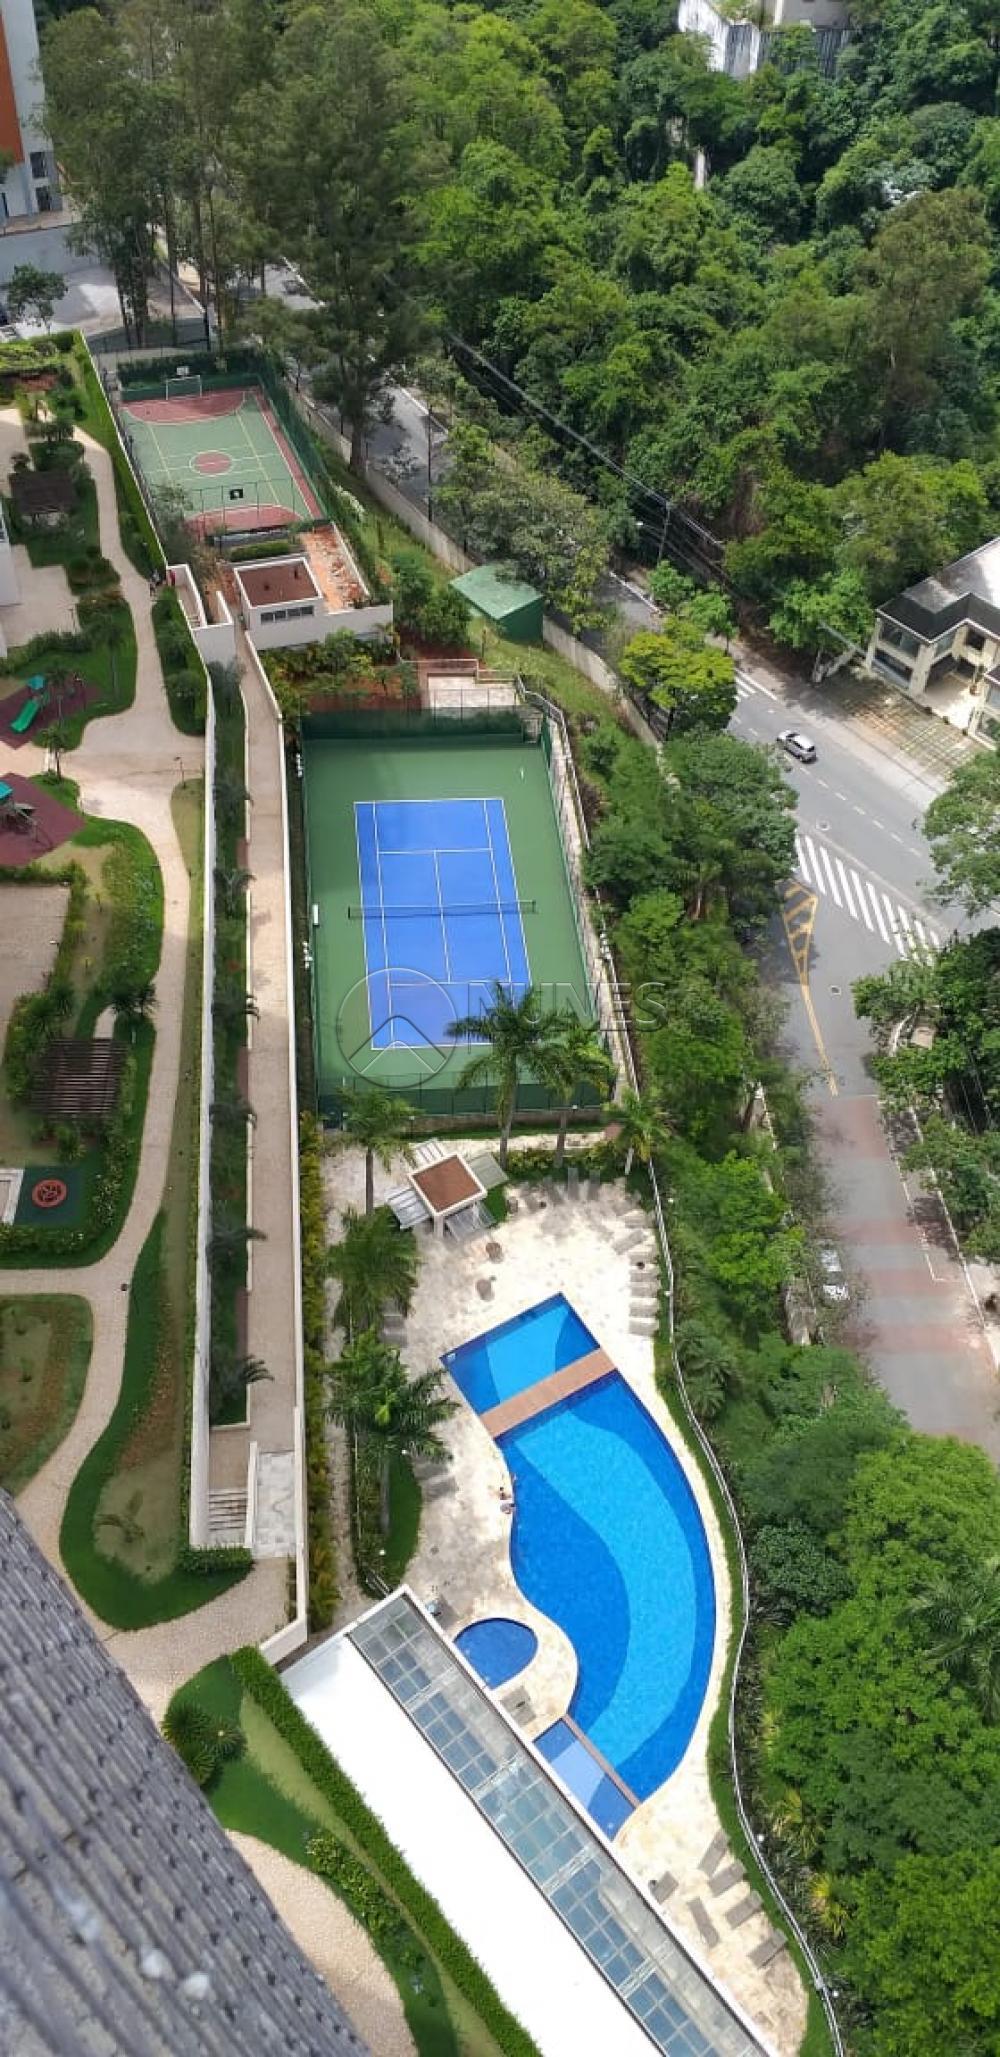 Comprar Apartamento / Padrão em São Paulo apenas R$ 1.915.000,00 - Foto 31